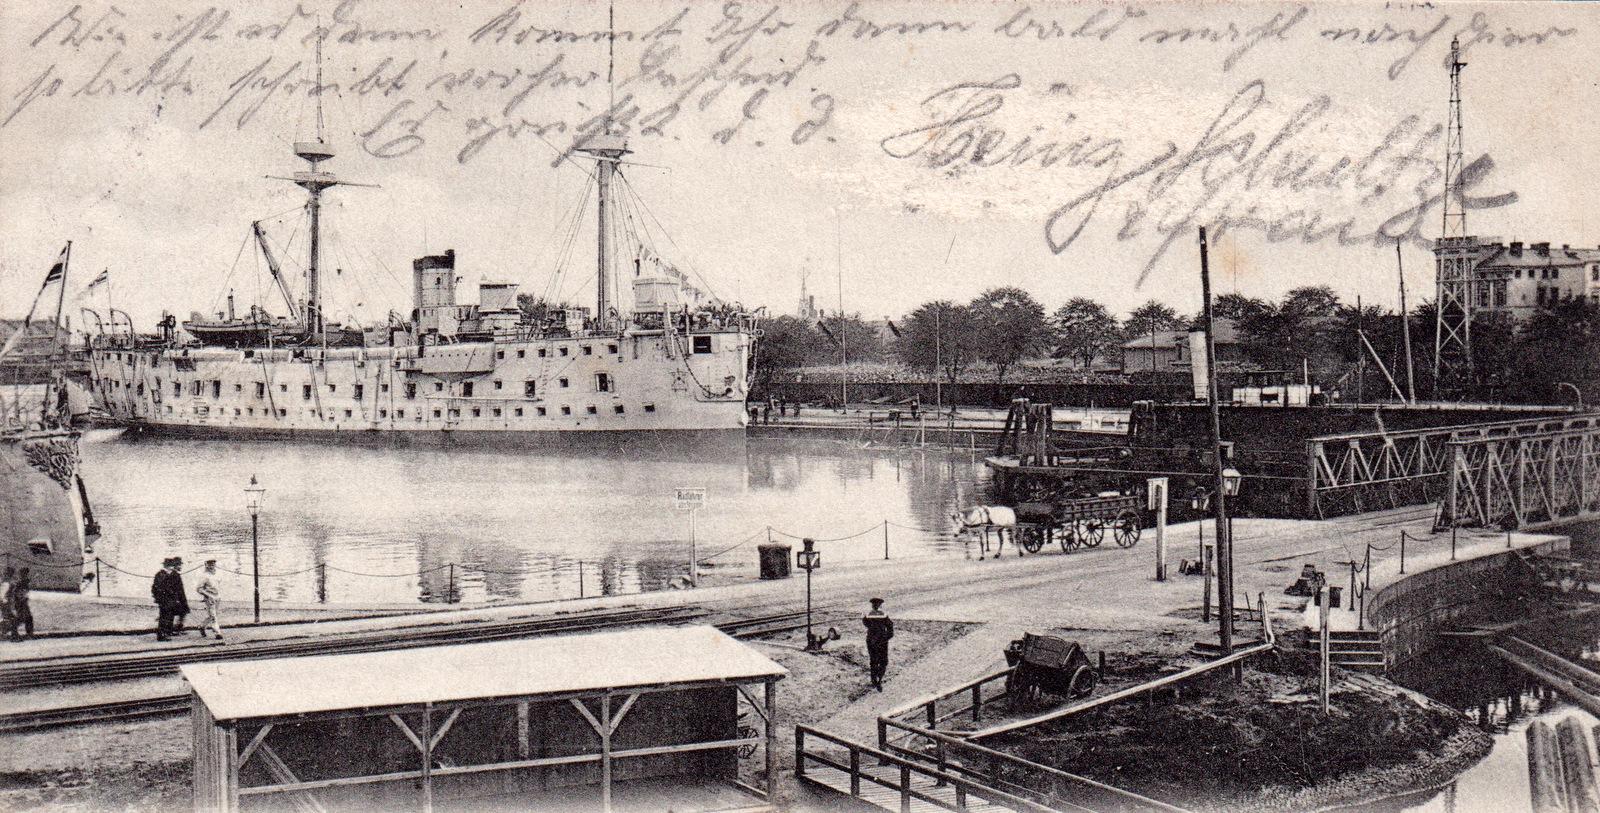 """Ca. 1905, Blick von Nordost: Schulschiff """"Mars"""" am Nordwestkai, im Vordergrund rechts die Drehbrücke"""